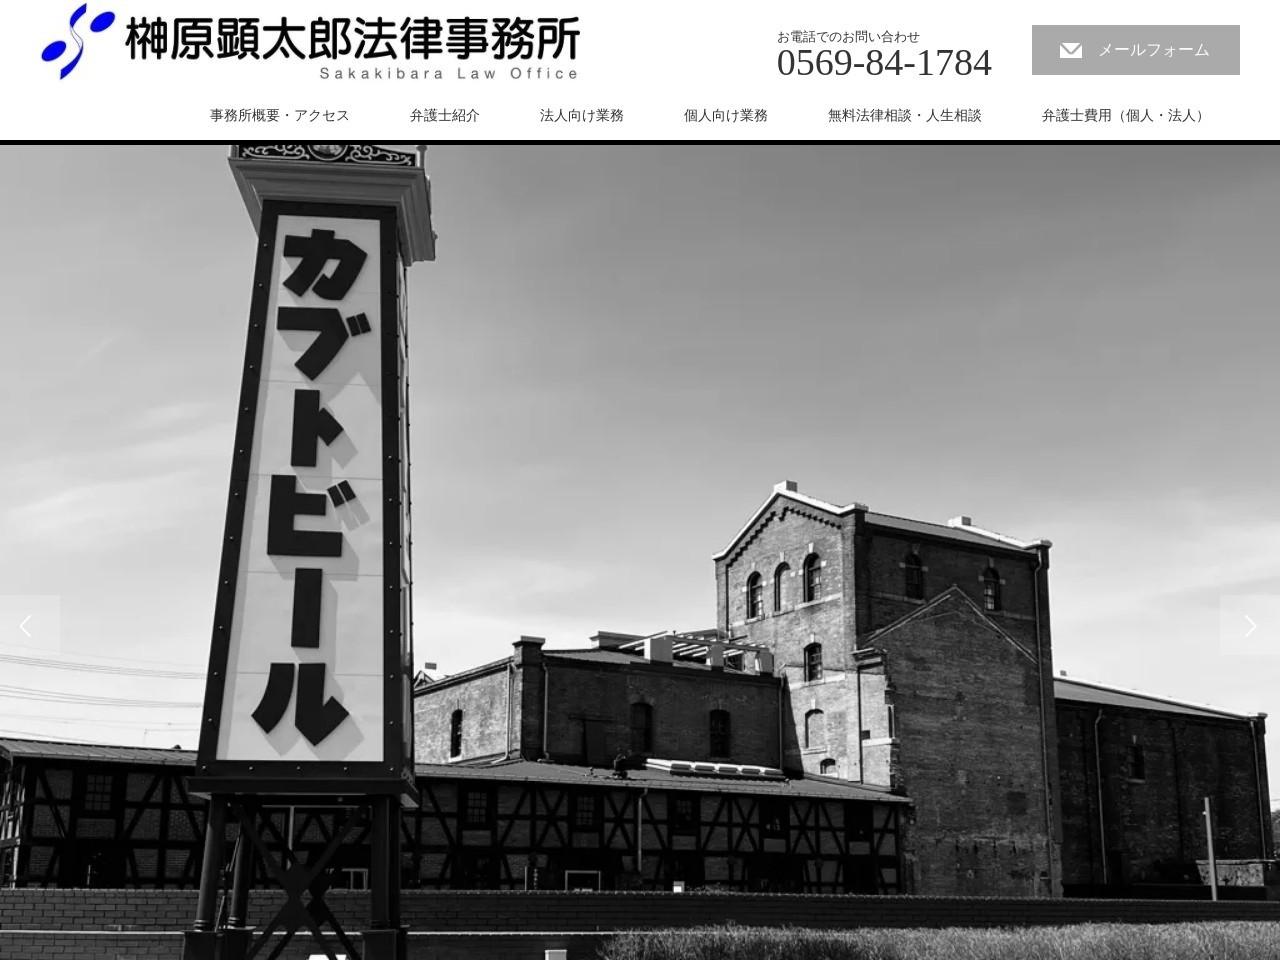 榊原顕太郎法律事務所